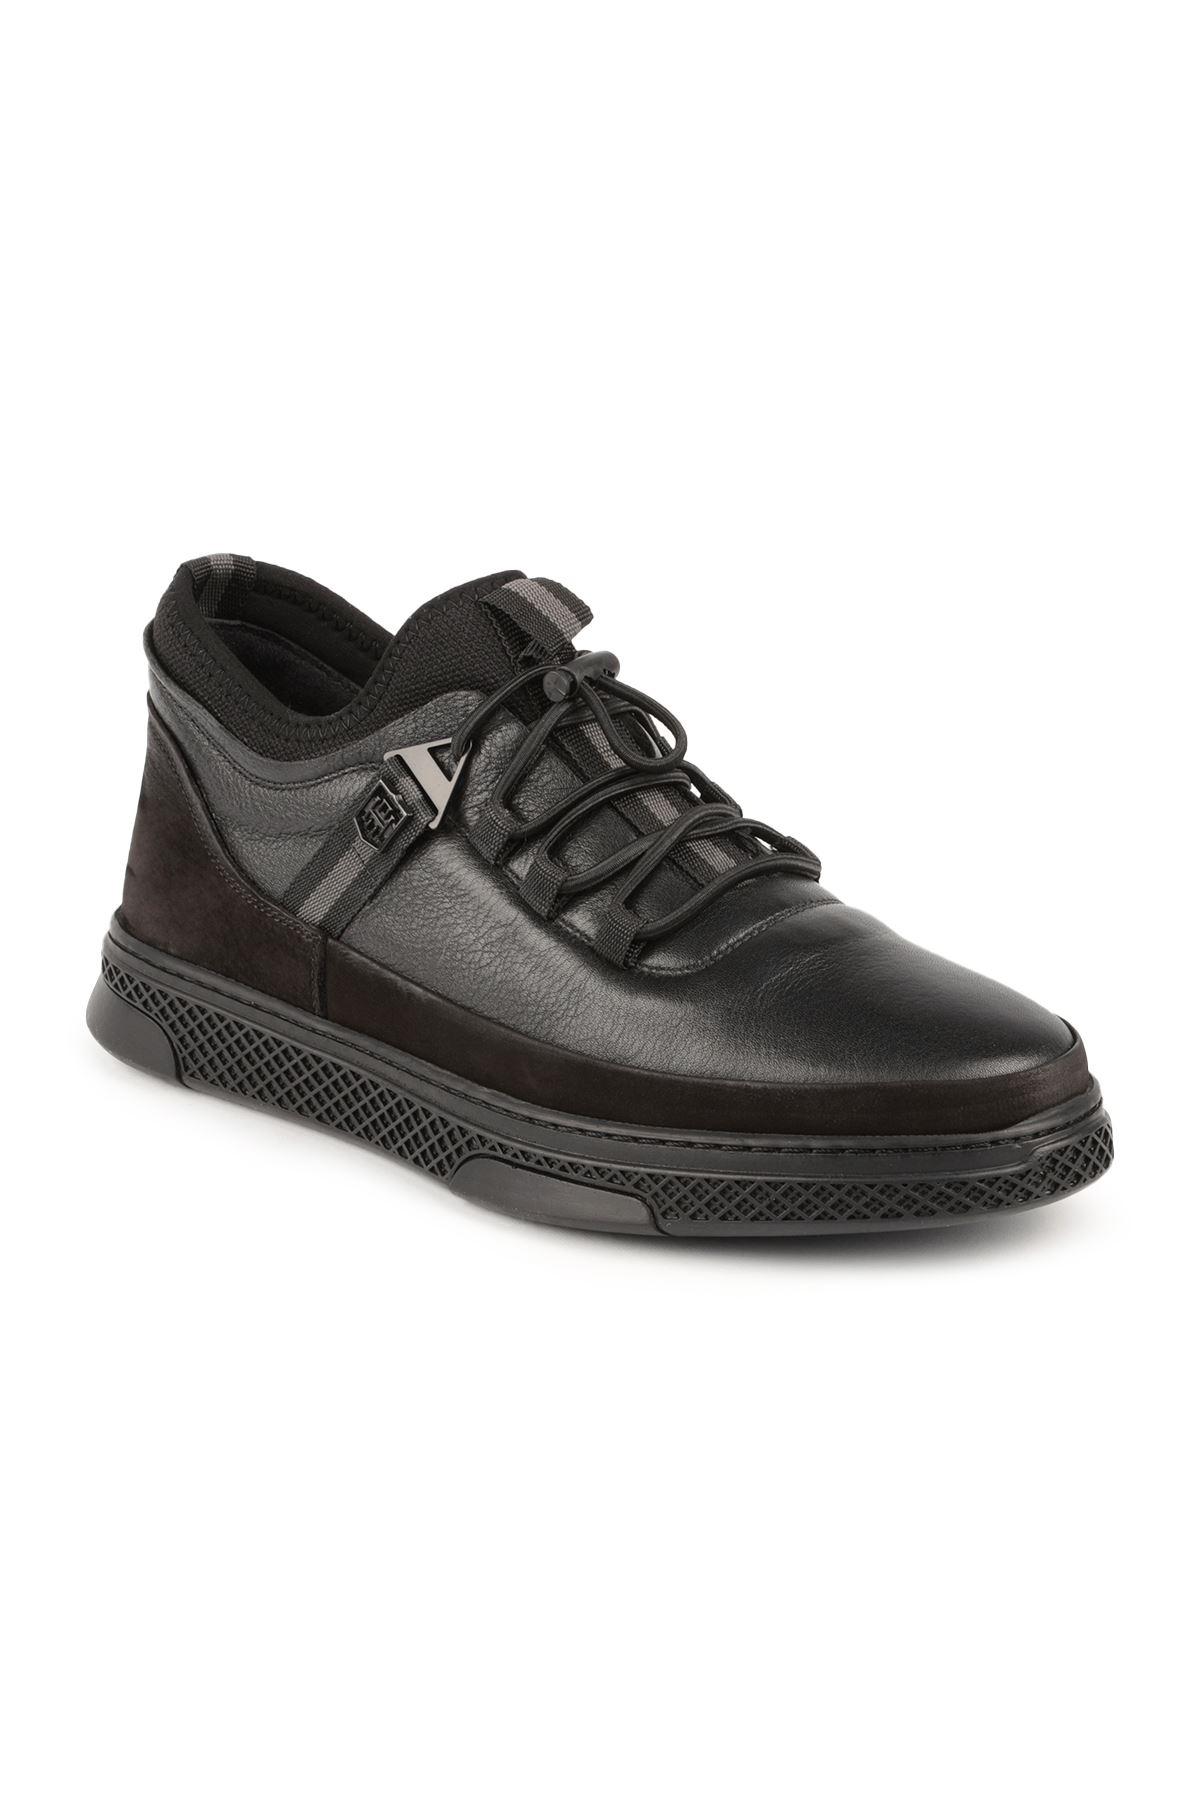 Libero L1325 Siyah Ayakkabı